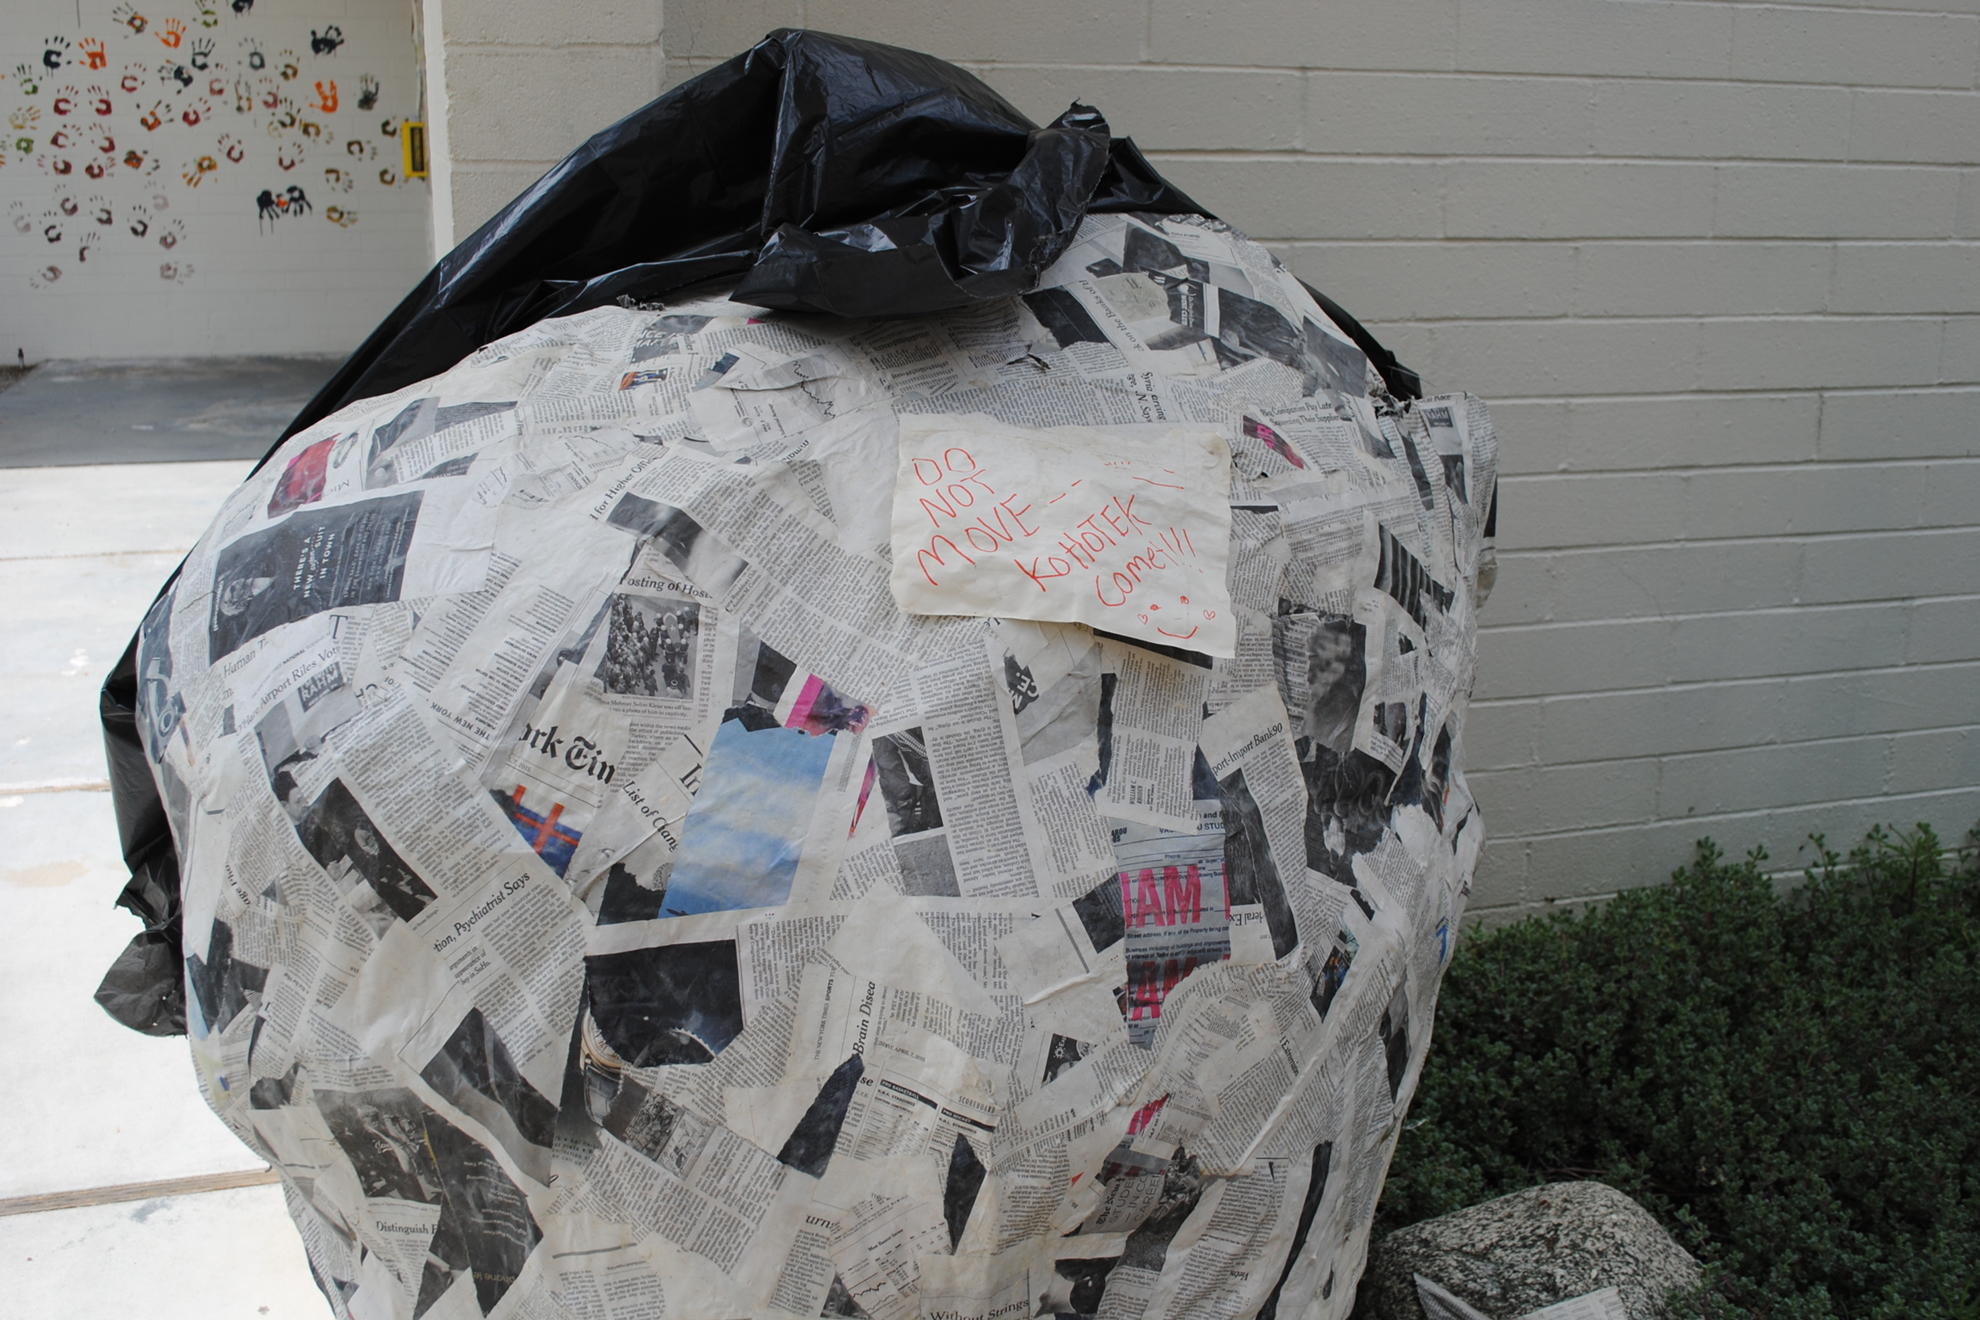 2015 - Kohoutek comet under wraps